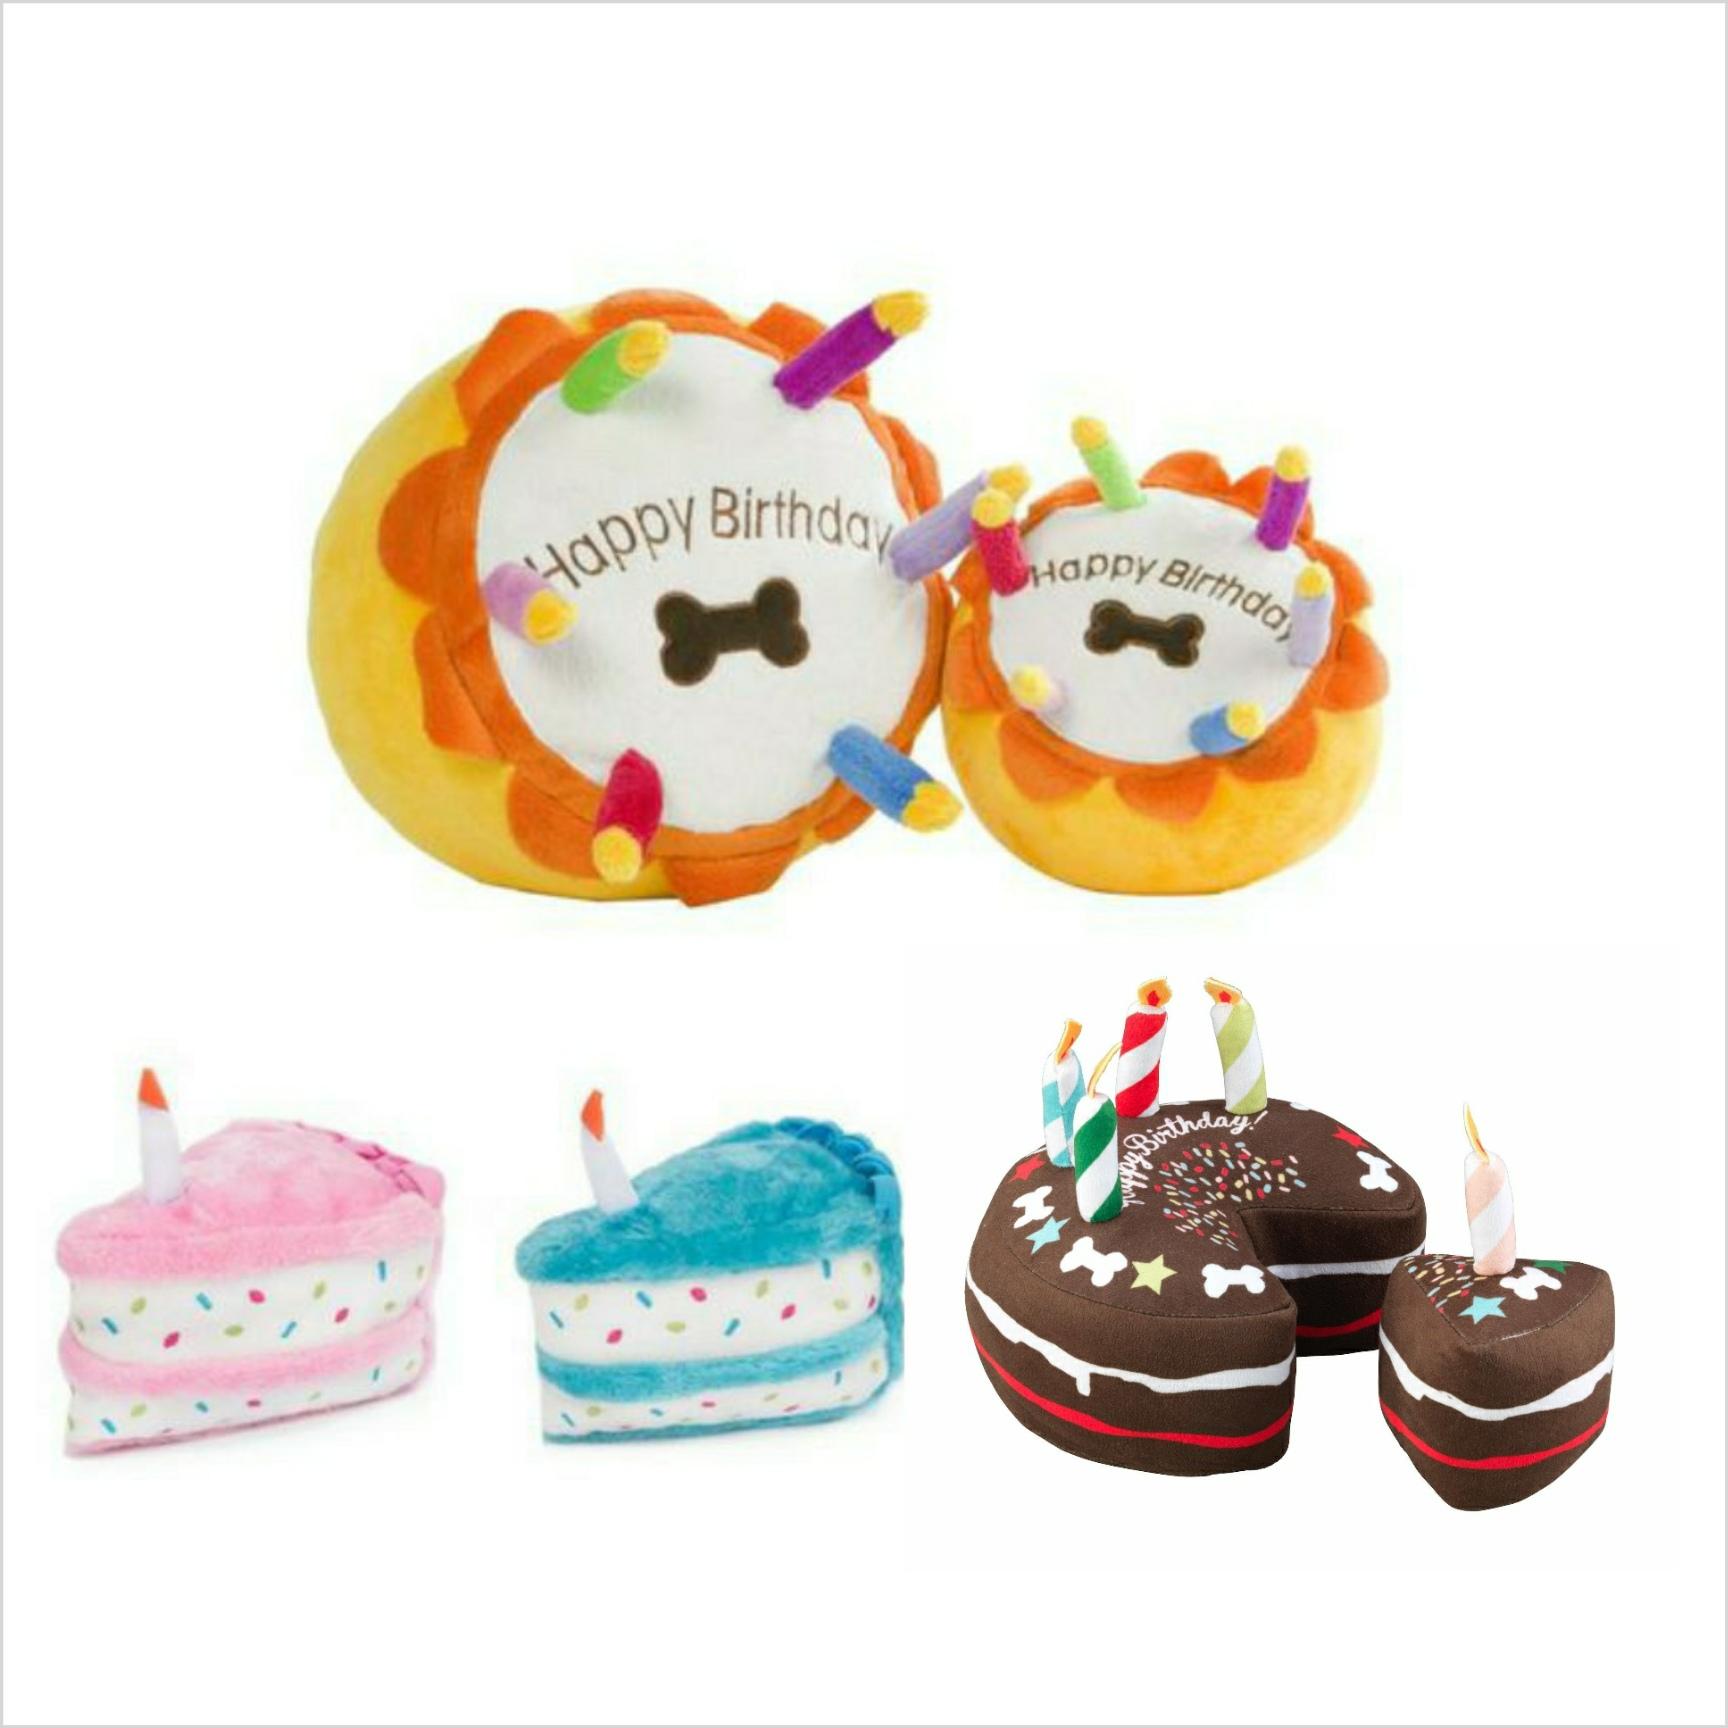 Celebration Birthday Cake Dog Toys